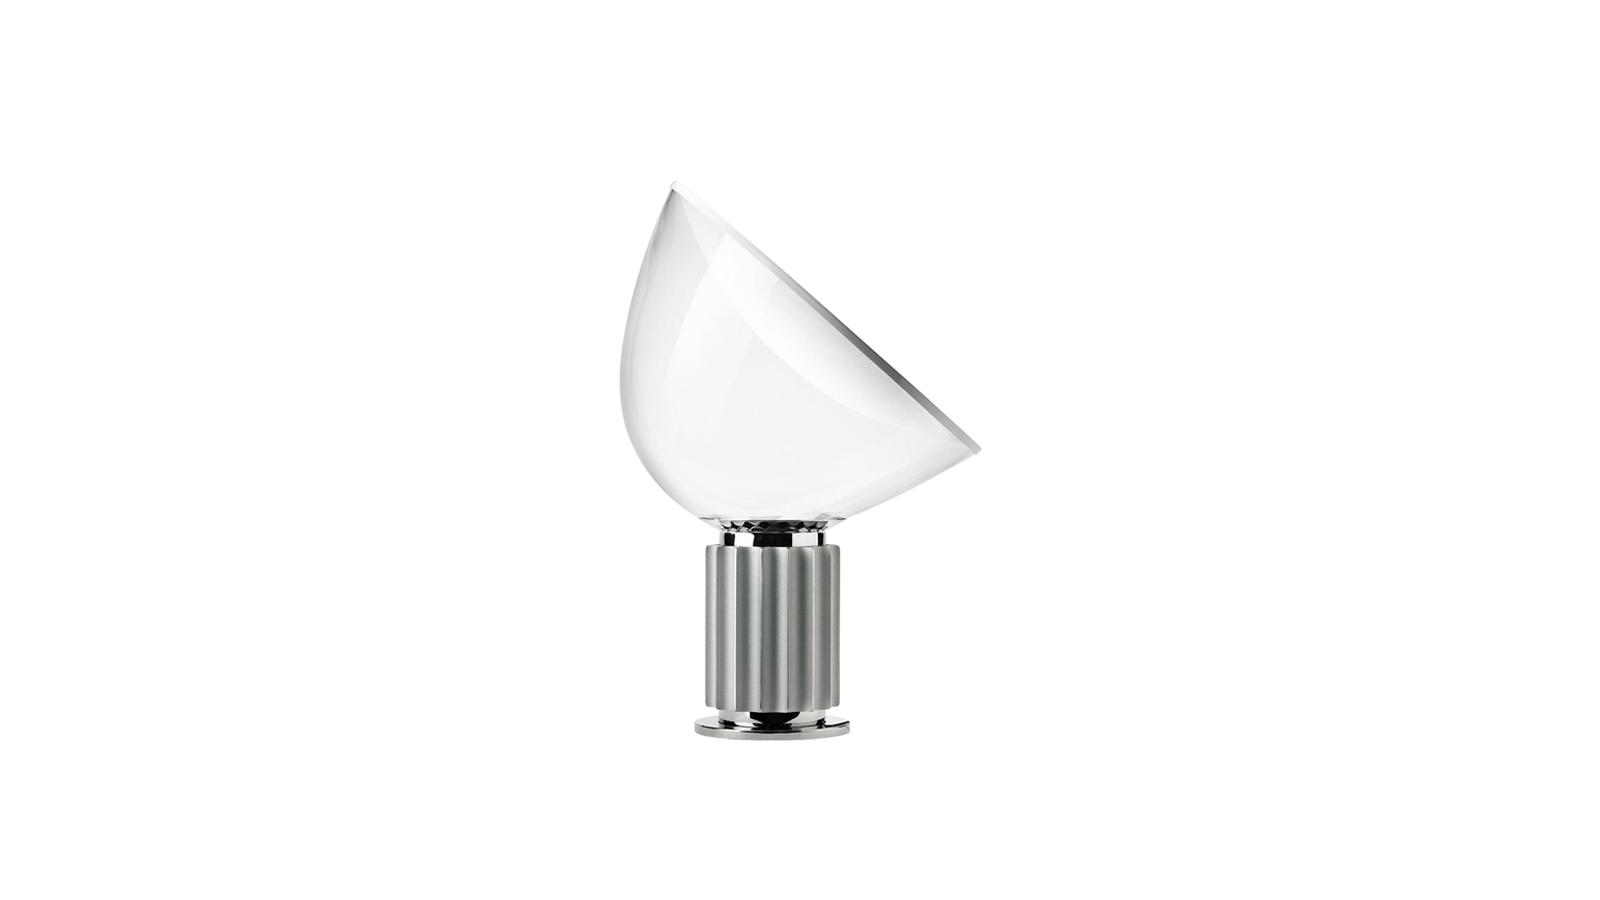 A Flos cég Taccia lámpája indirekt fényt bocsát a szobára: ezáltal egy hangulatos, esti fényként a legideálisabb. Mozgatható lámpafejének köszönhetően azonban fókuszált fényforrás is lehet, ha a megvilágítandó terület alá helyezzük. A lámpabúra átlátszósága miatt a fényforrás mintha a levegőben lebegne: mesebeli külsőt és különleges atmoszférát biztosít egy hálószoba hétköznapi estéjére is.